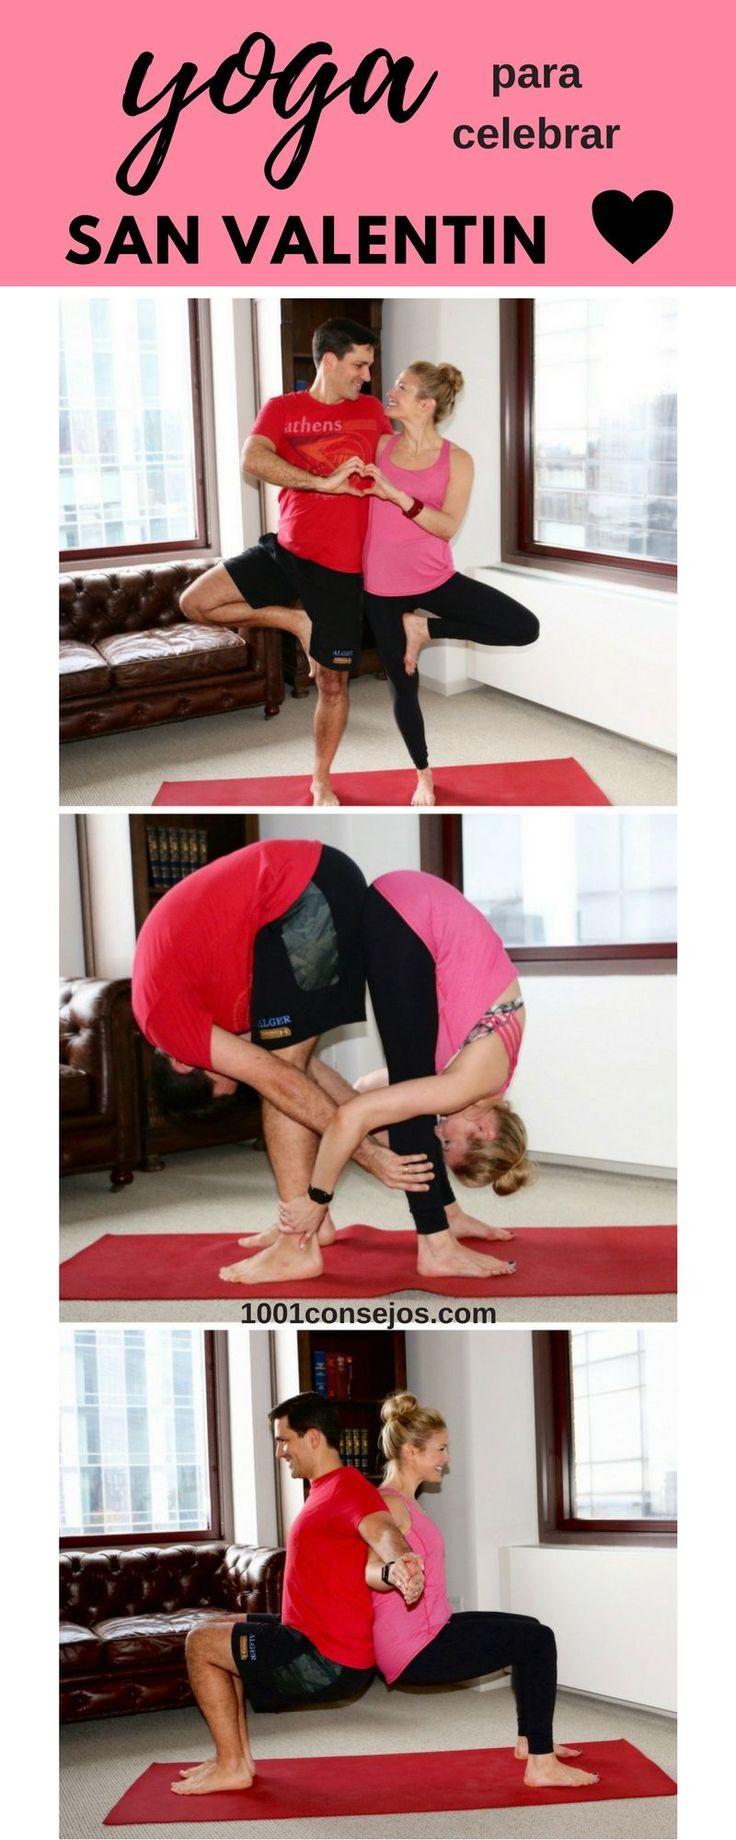 El yoga tiene muchos beneficios, los cuales se duplican si lo practicas con tu pareja. ¡Inténtalo este día de #SanValentín! | Ideas para San Valentín | Ideas para el 14 de Febrero | #Yoga para parejas.